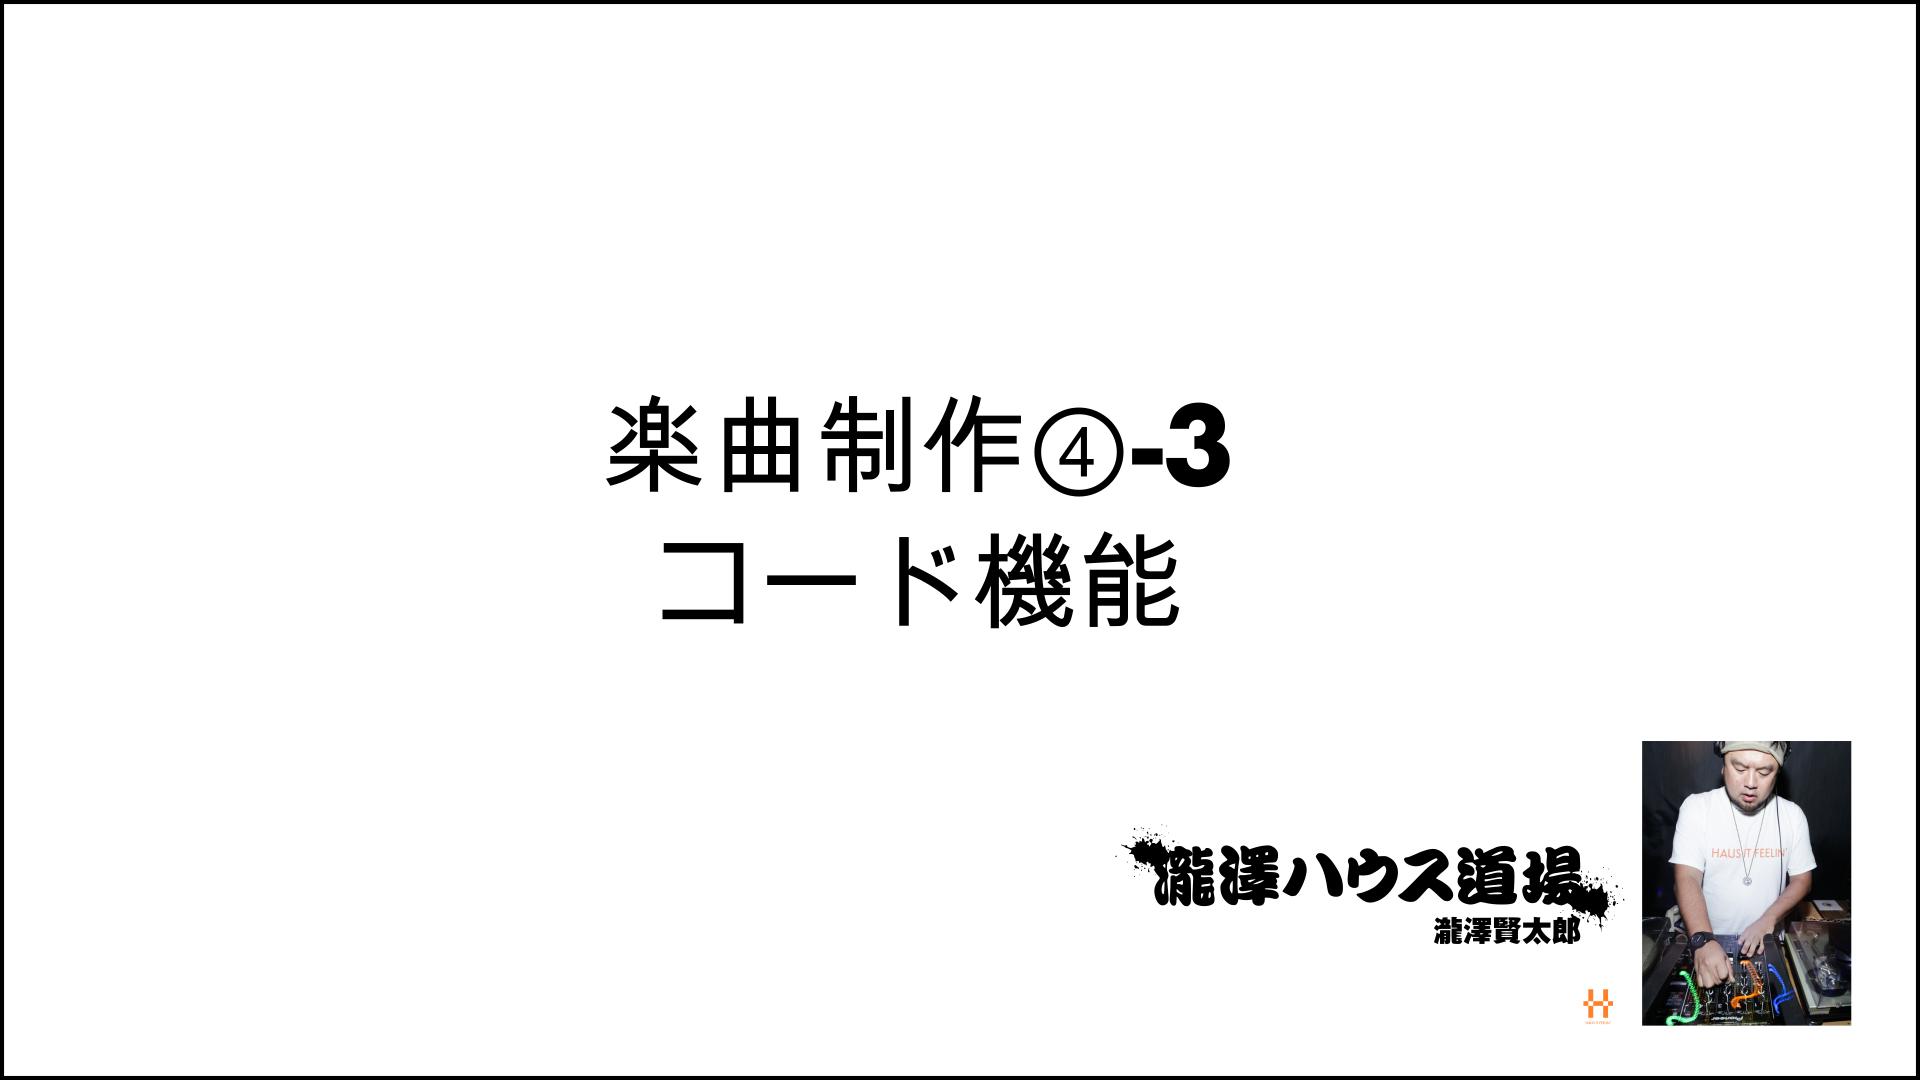 楽々ハウス楽曲制作④-3 楽器が苦手な人のコード機能 200819